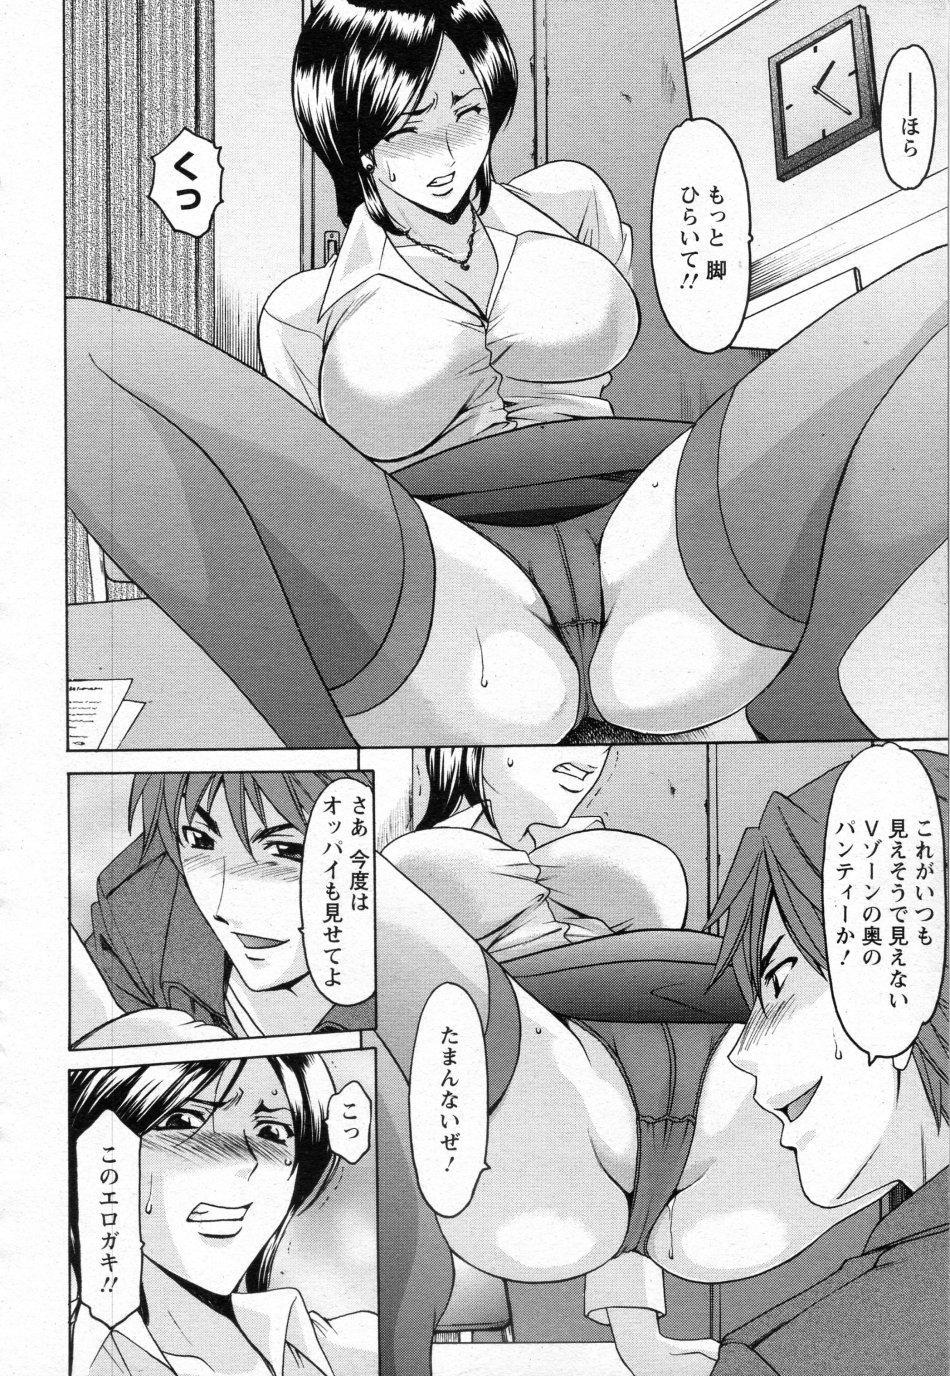 [Hoshino Ryuichi] Mjo Collection -Nidaime Choukyoushi- Ch.01-02 41